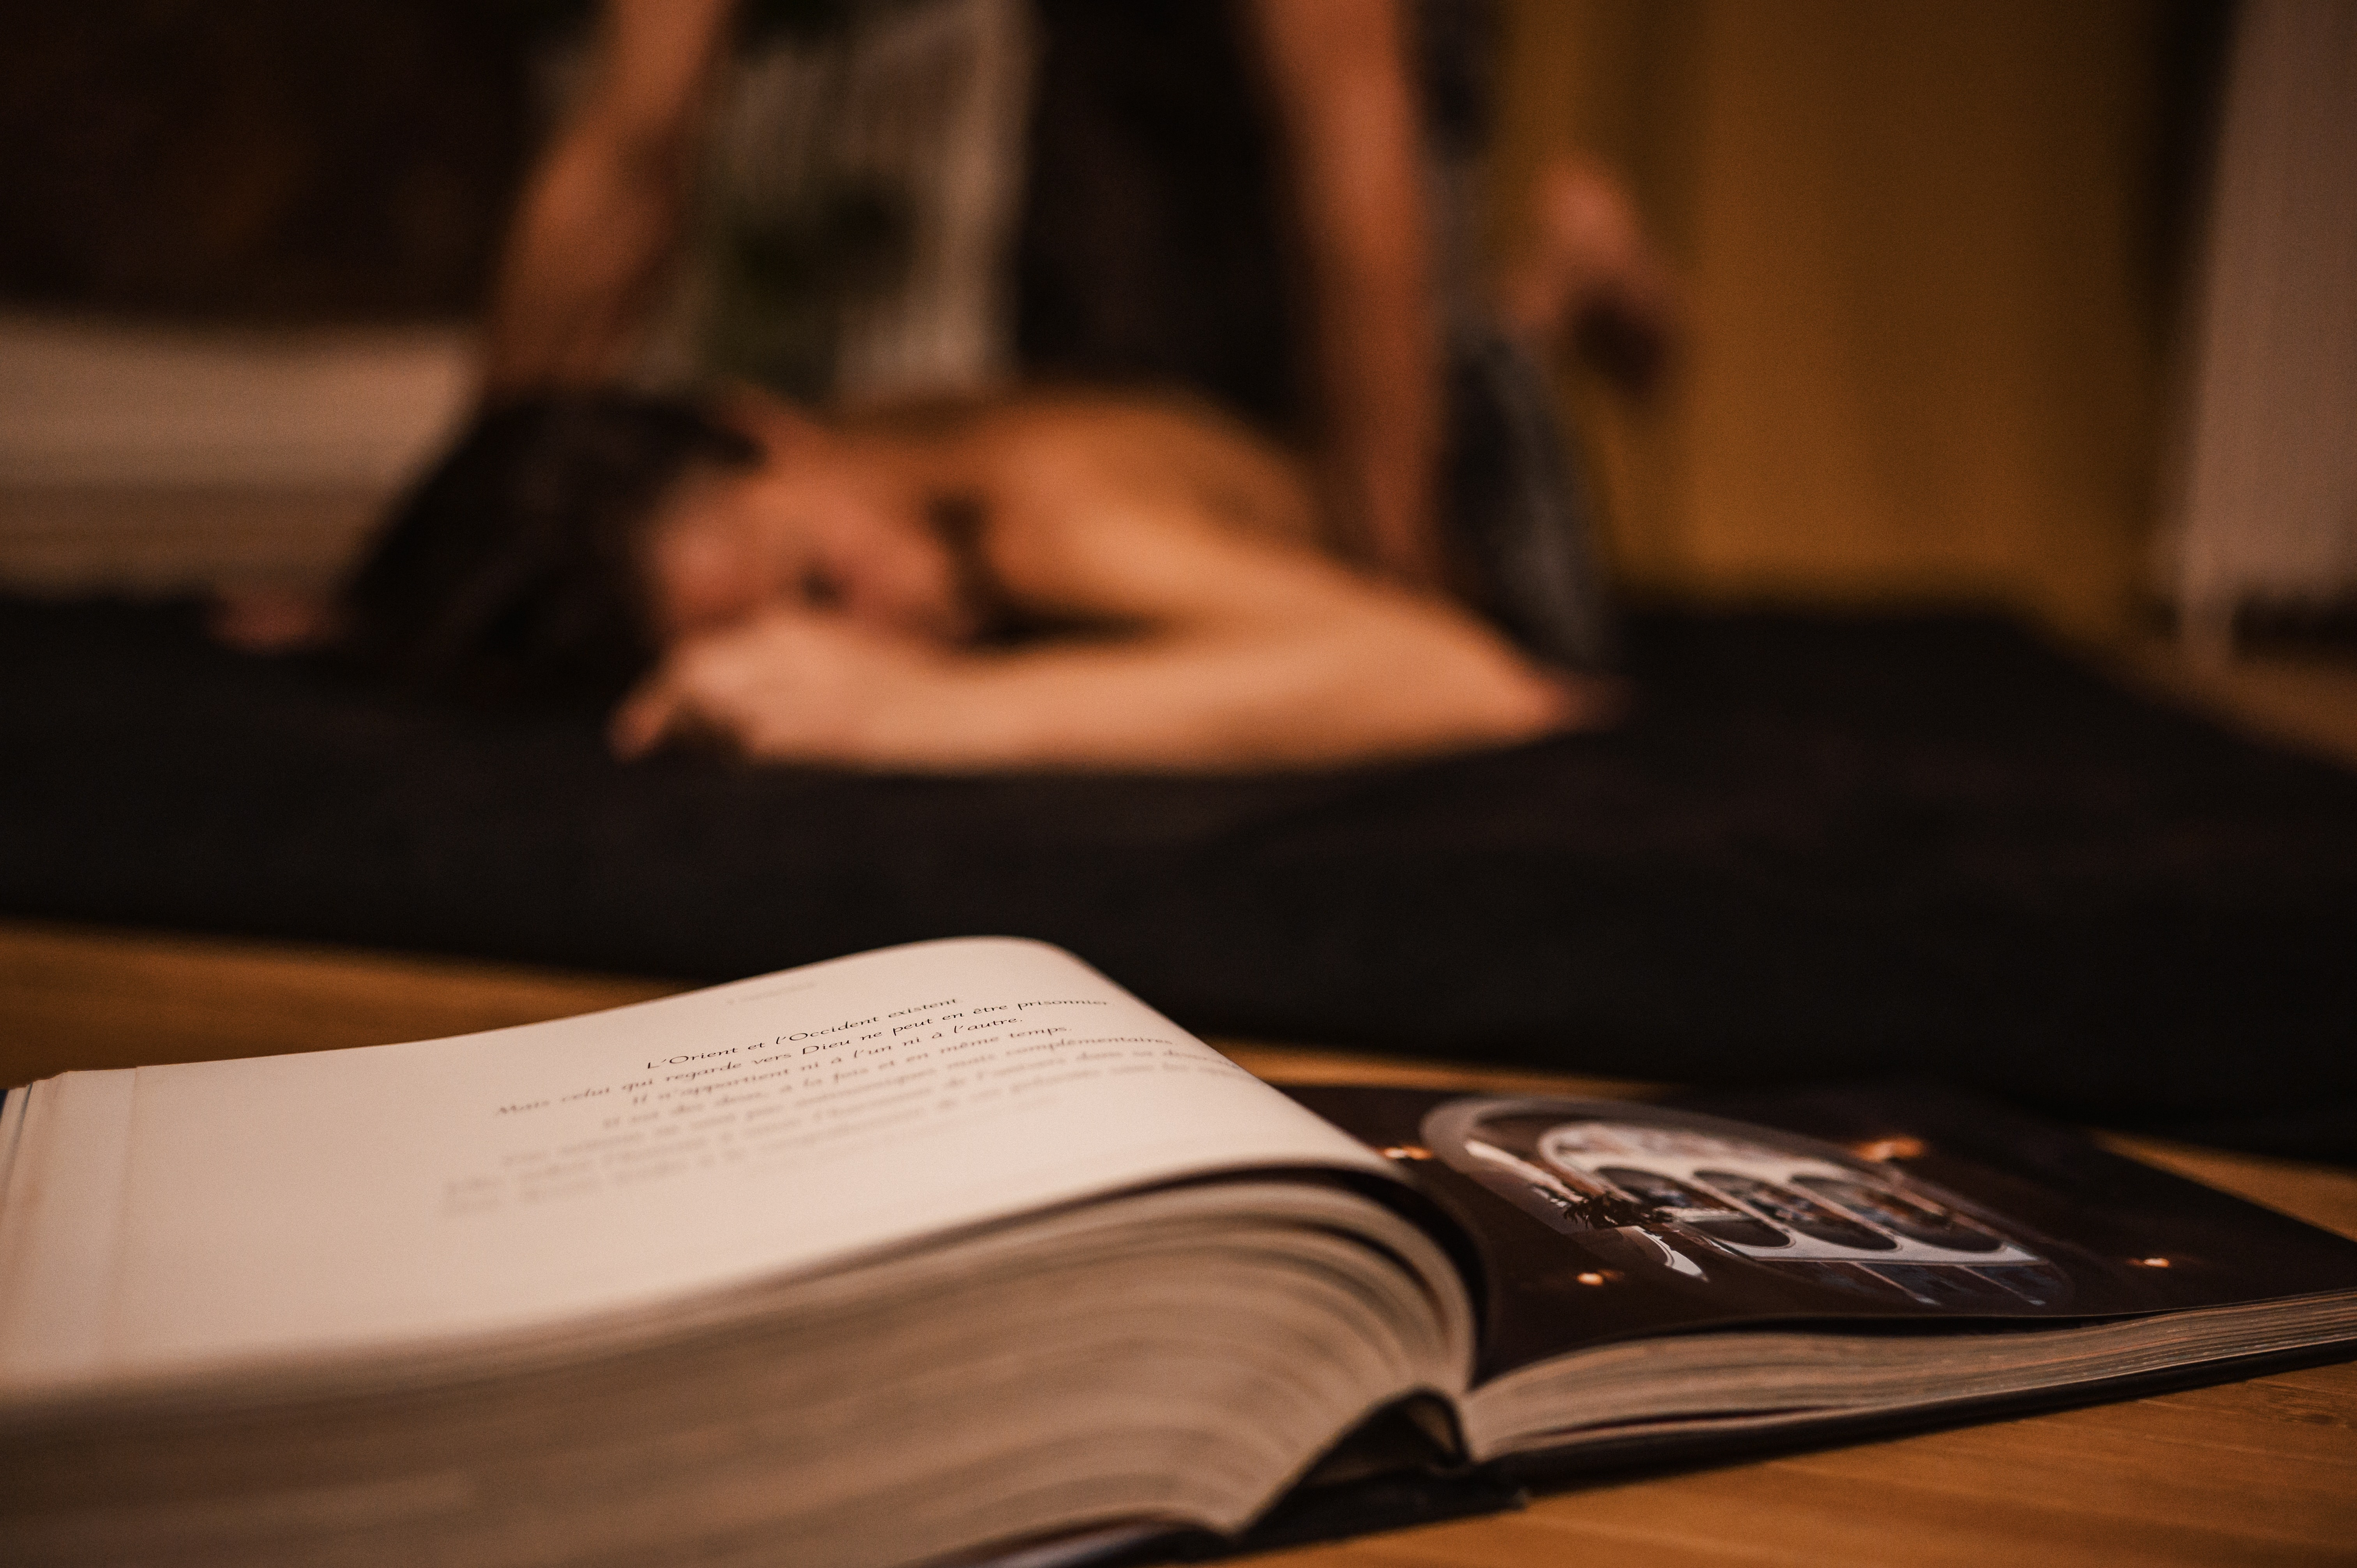 4-Hand-Massage für Einzelpersonen 1,5h